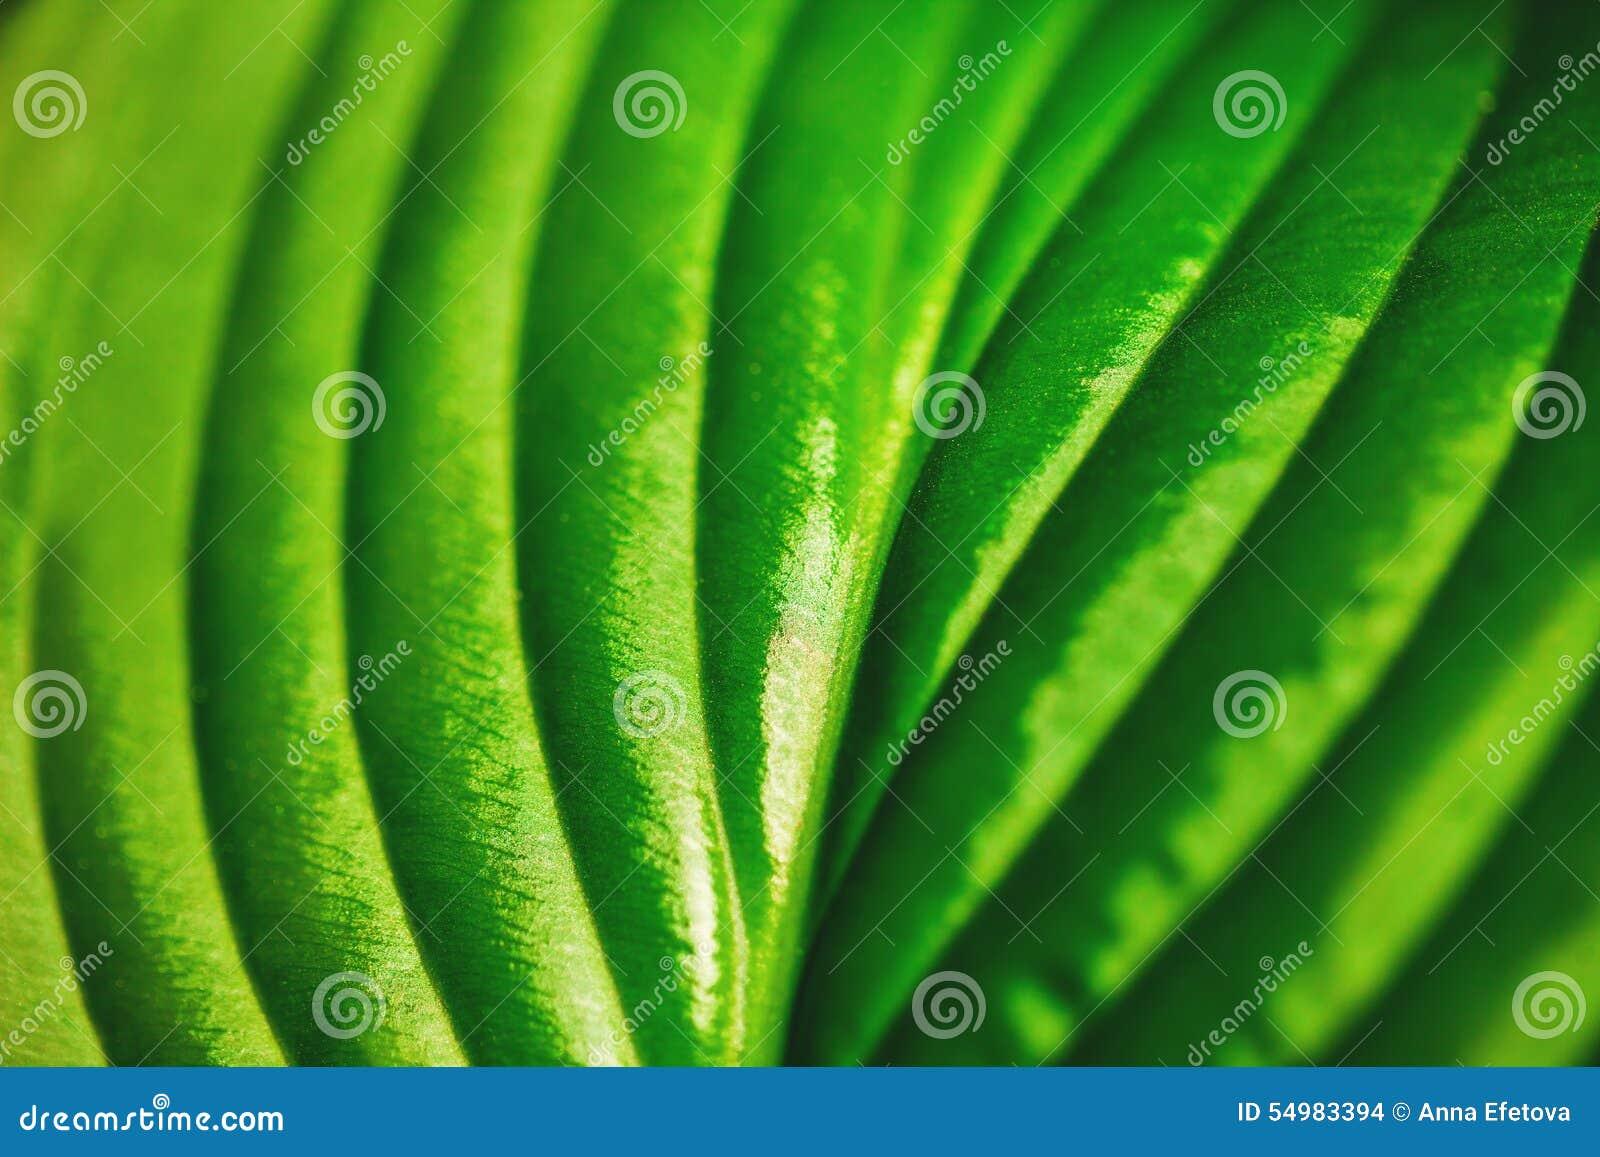 Tät grön leaf upp